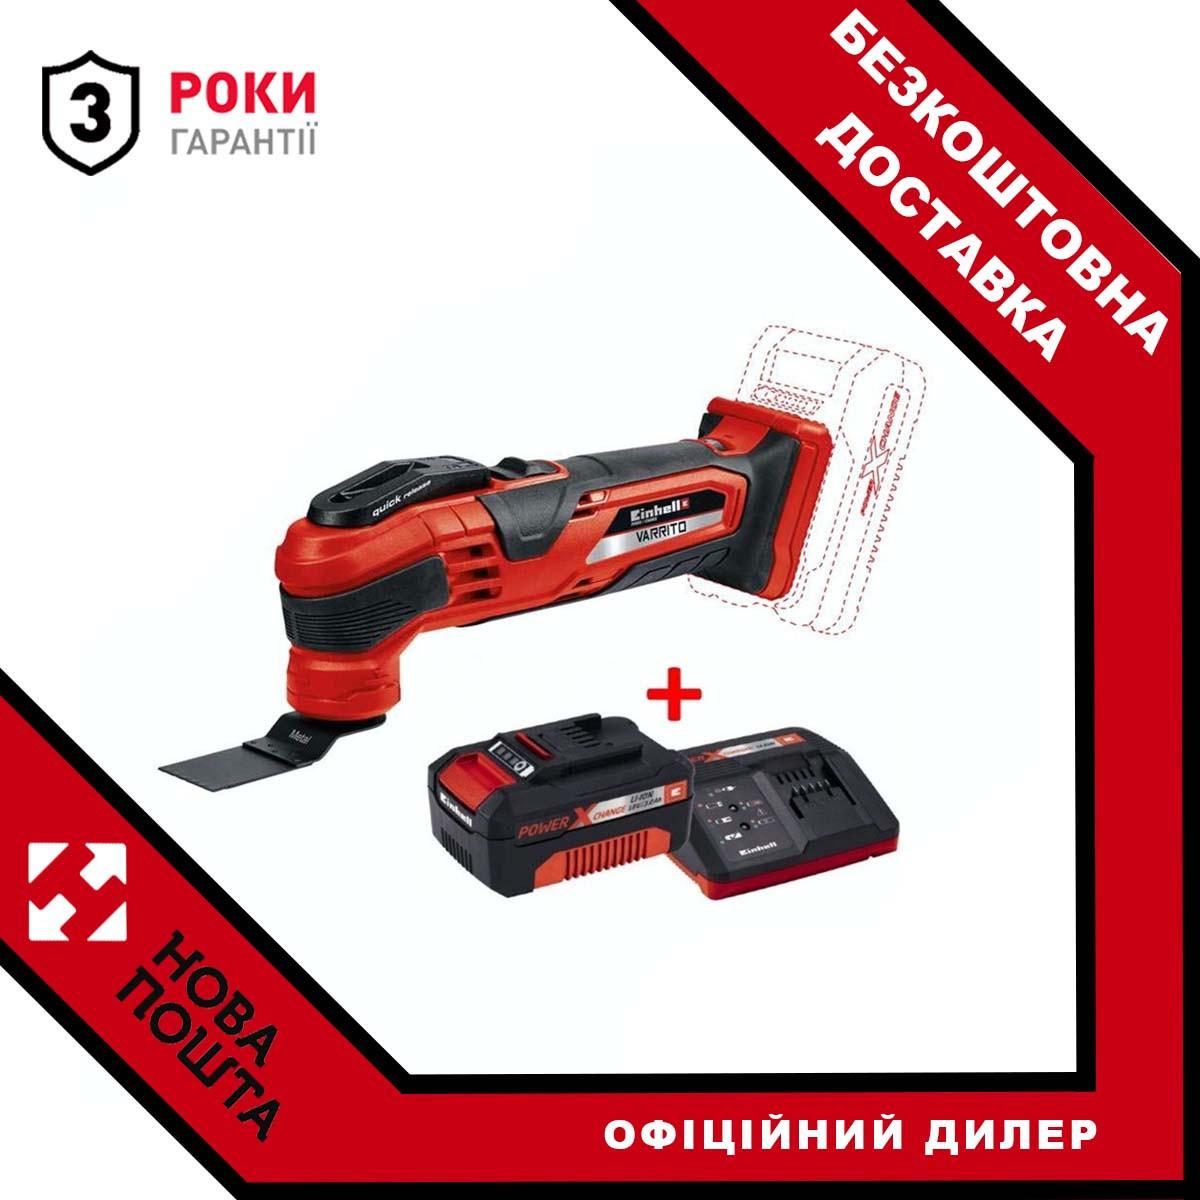 Набір багатофункційний акумуляторний інструмент Einhell VARRITO + зарядний пристрій і акумулятор 2,5 Ah